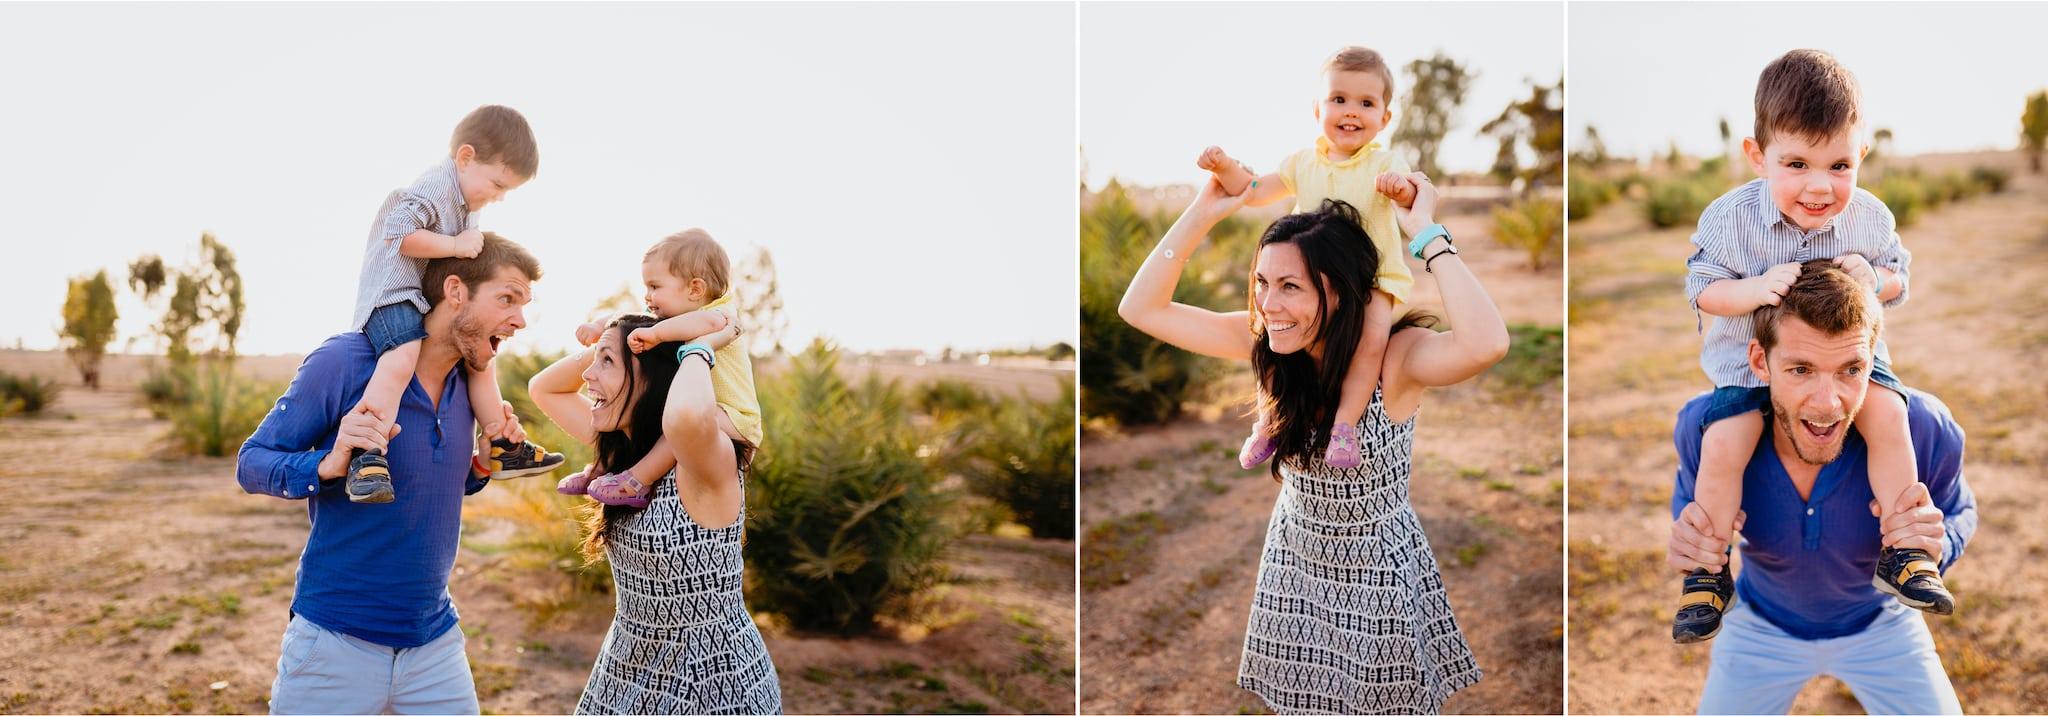 photos de famille ; jeu entre famille ; photographe